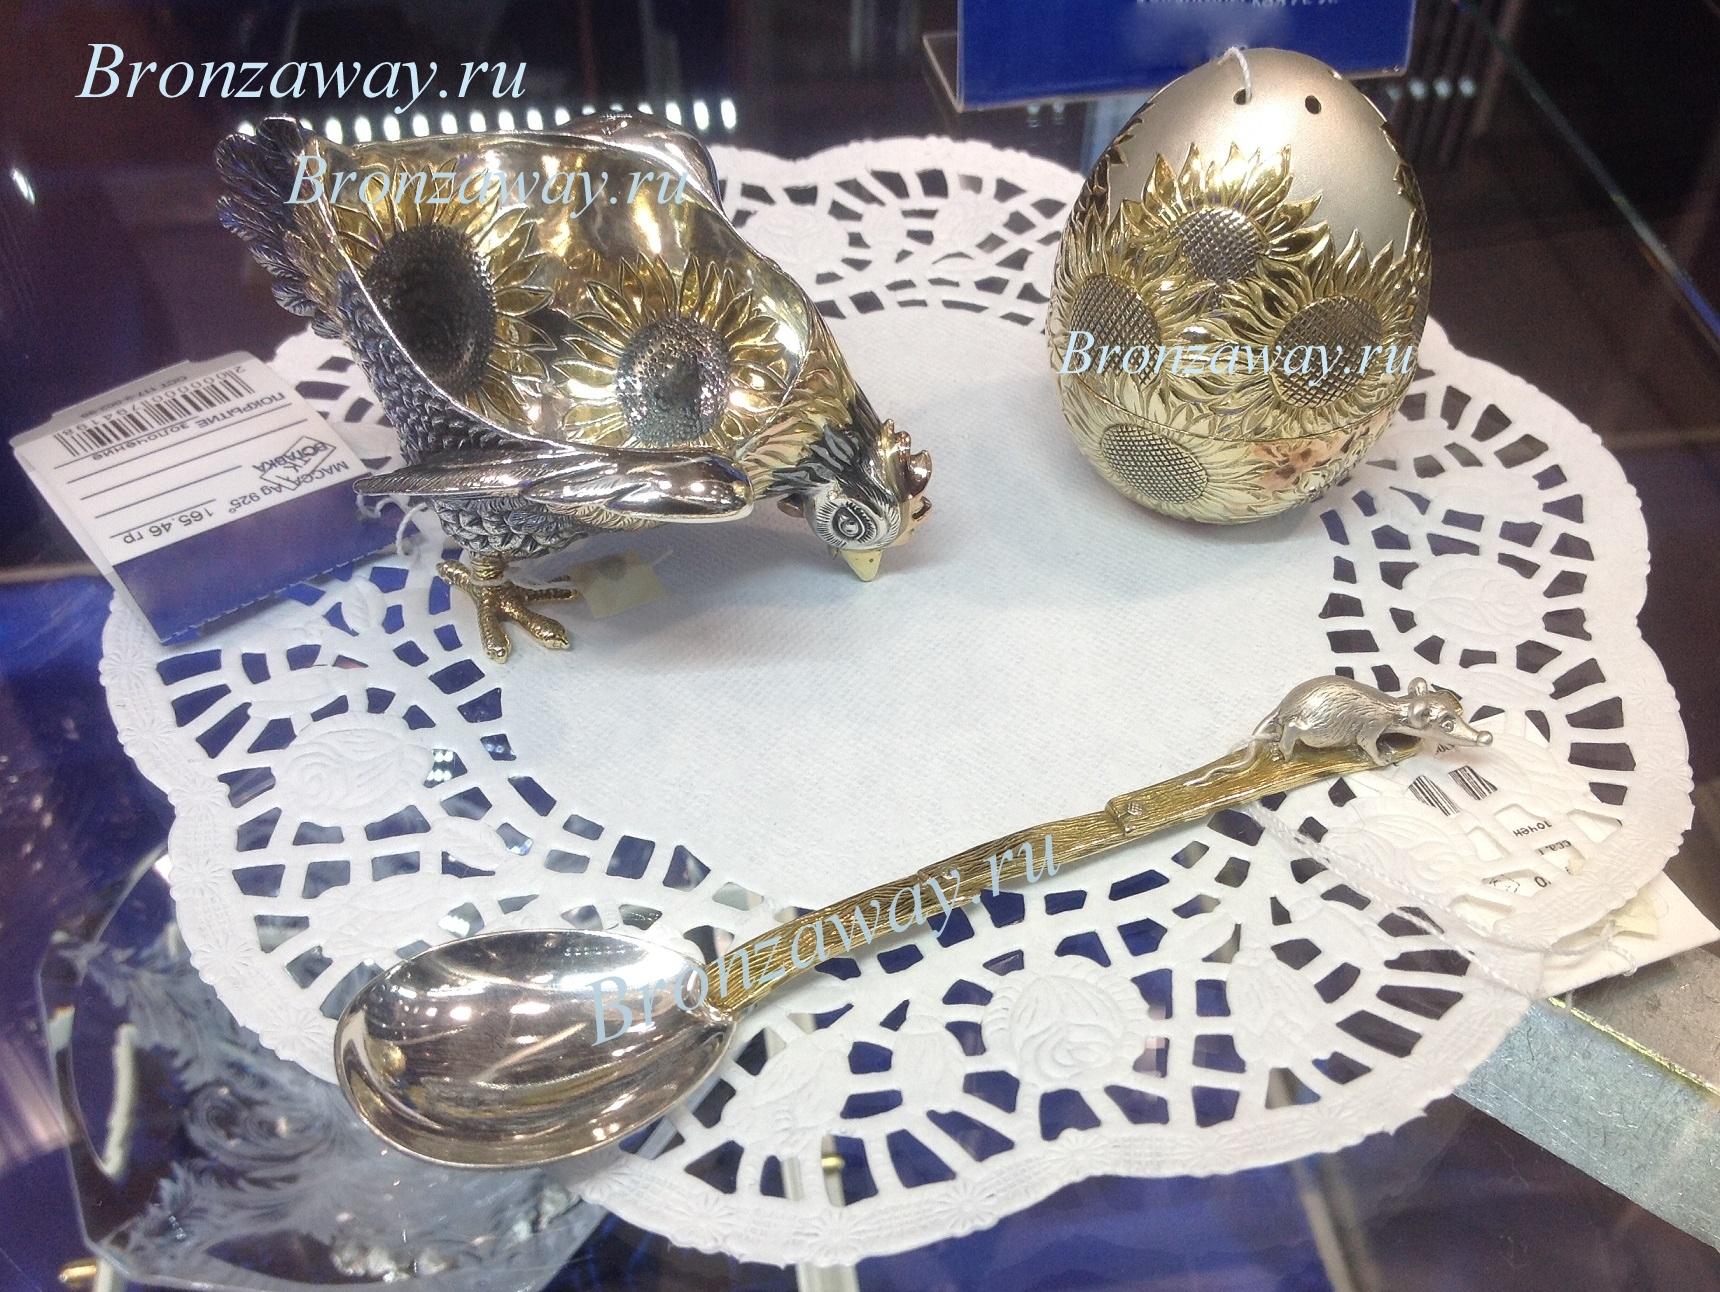 Vip подарки из серебра